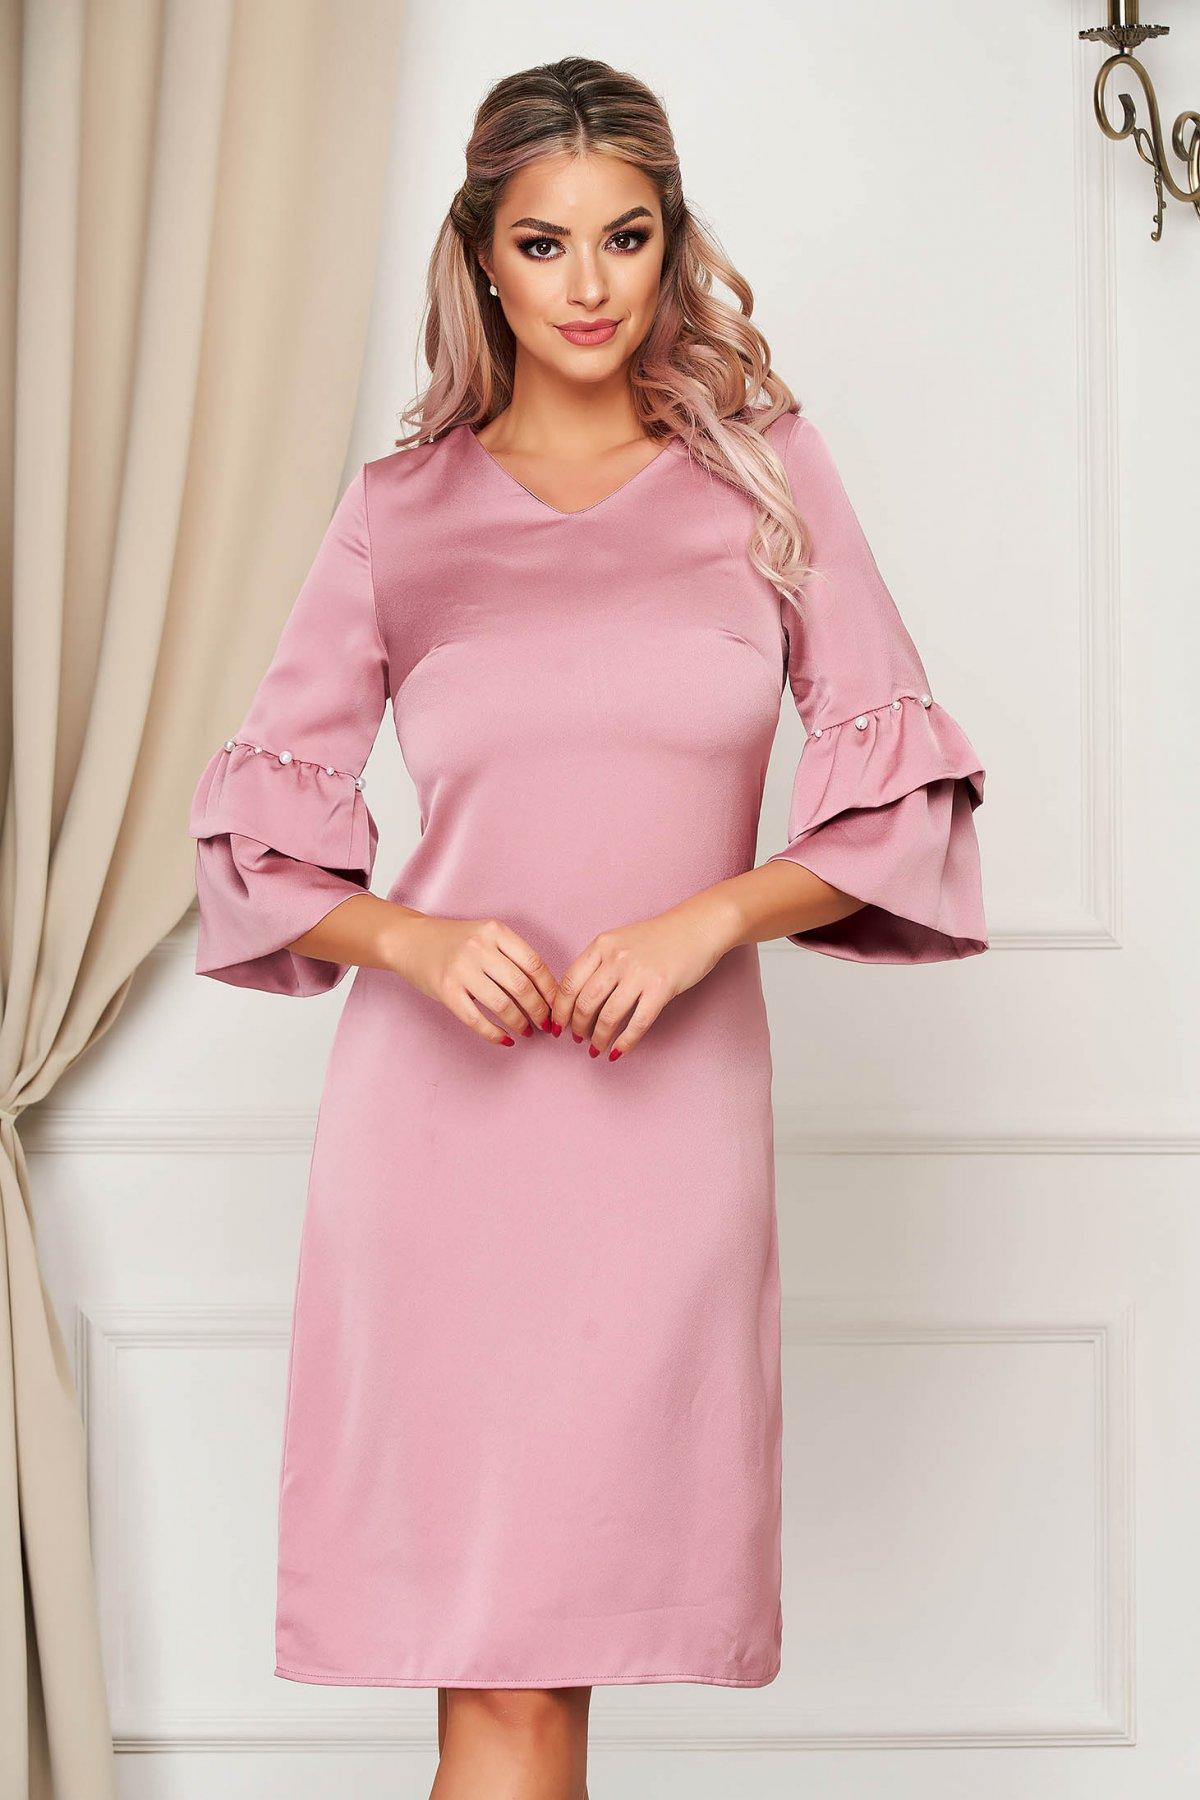 Rochie SunShine roz deschis eleganta cu croi in a cu maneci clopot cu aplicatii cu perle